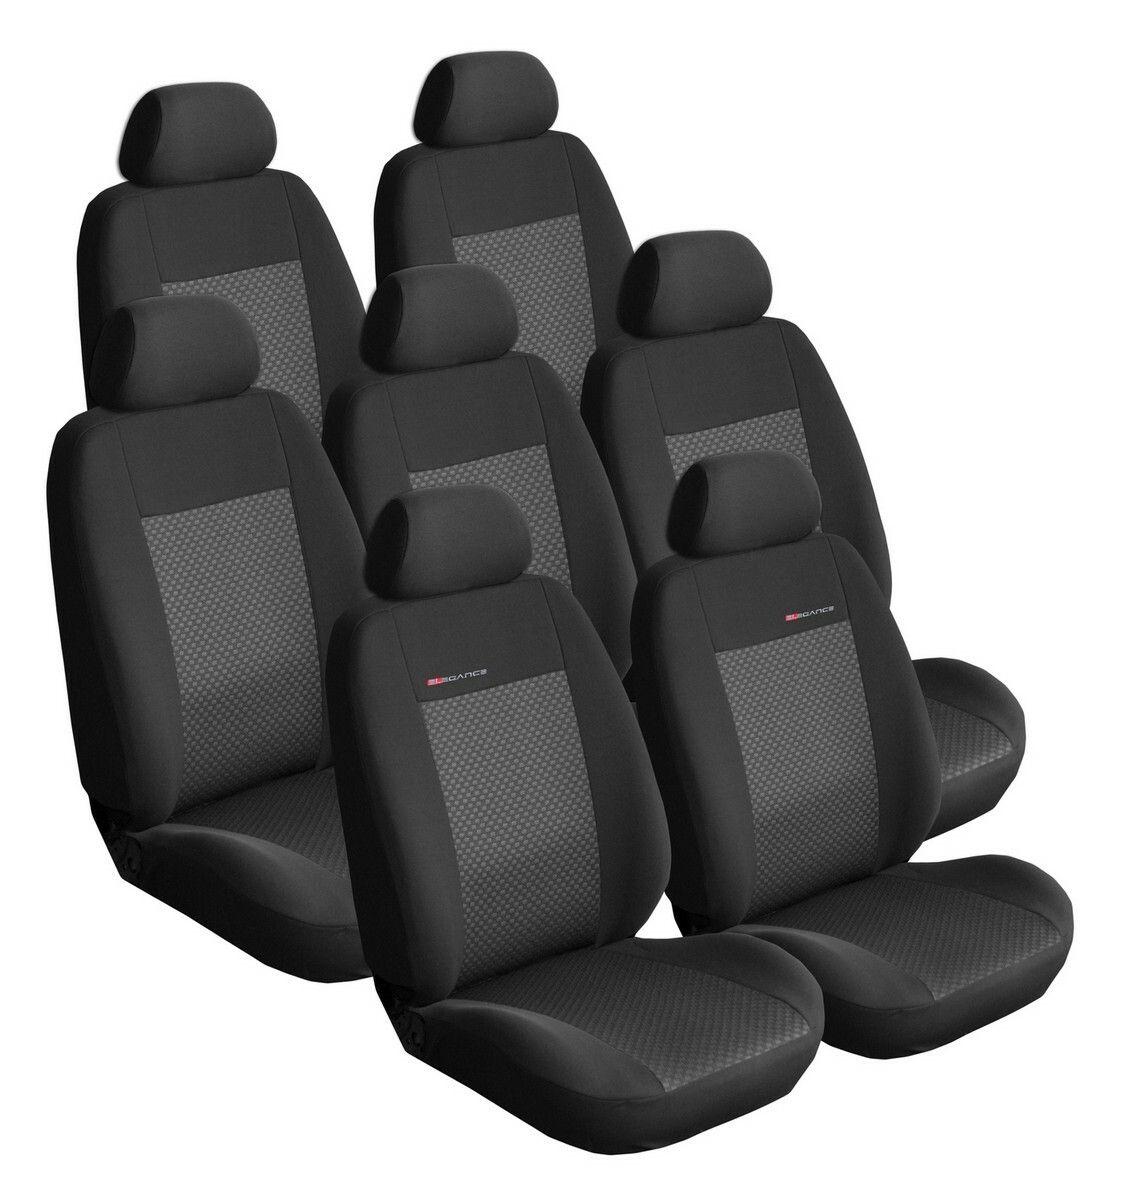 Autopotahy Citroen C8 od r. 2002, 7 míst, černé SIXTOL